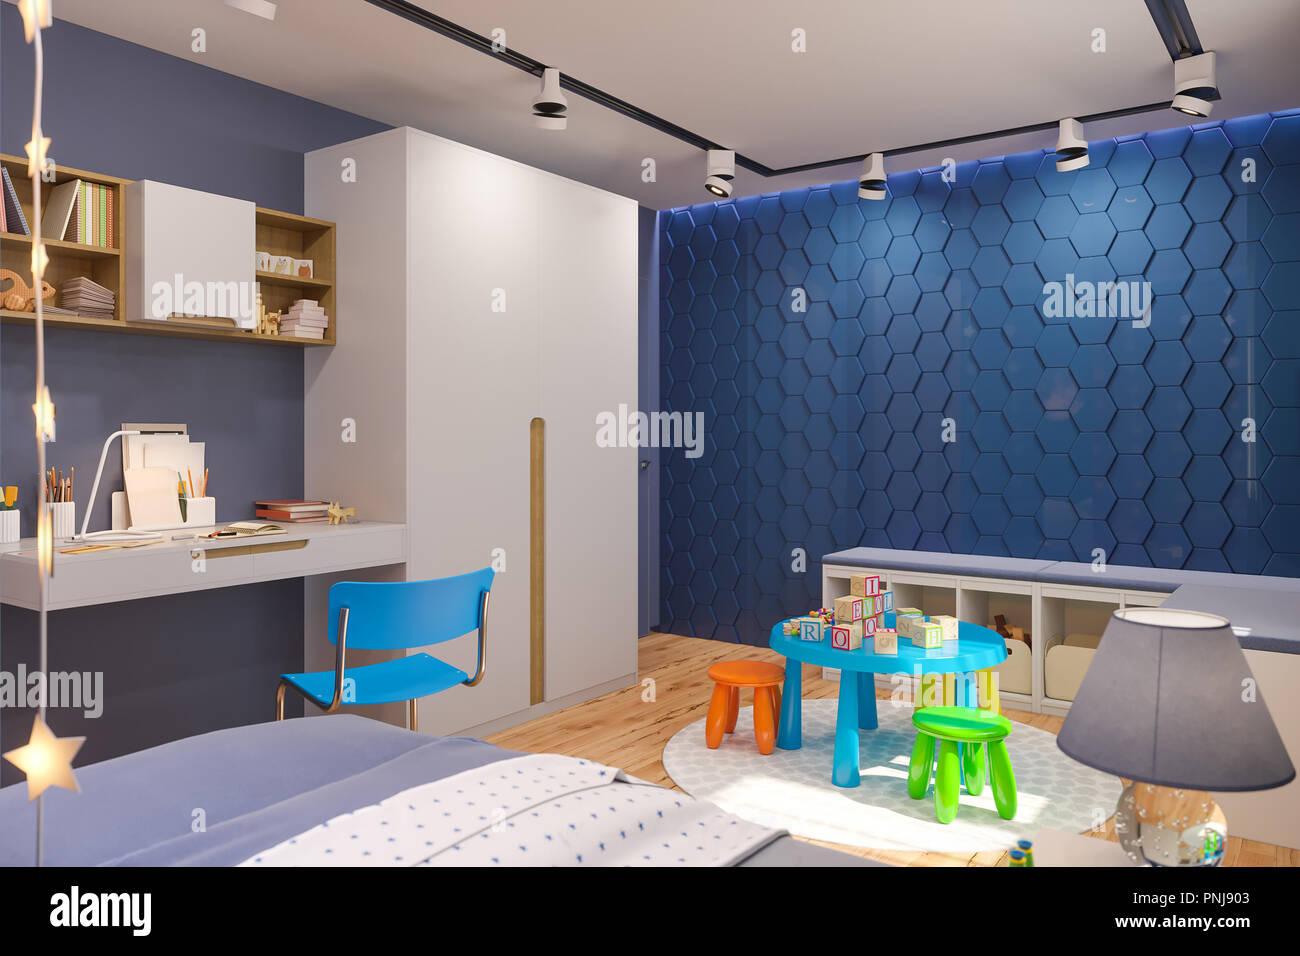 3d Render Von Schlafzimmer Für Die Kinder In Tiefem Blau